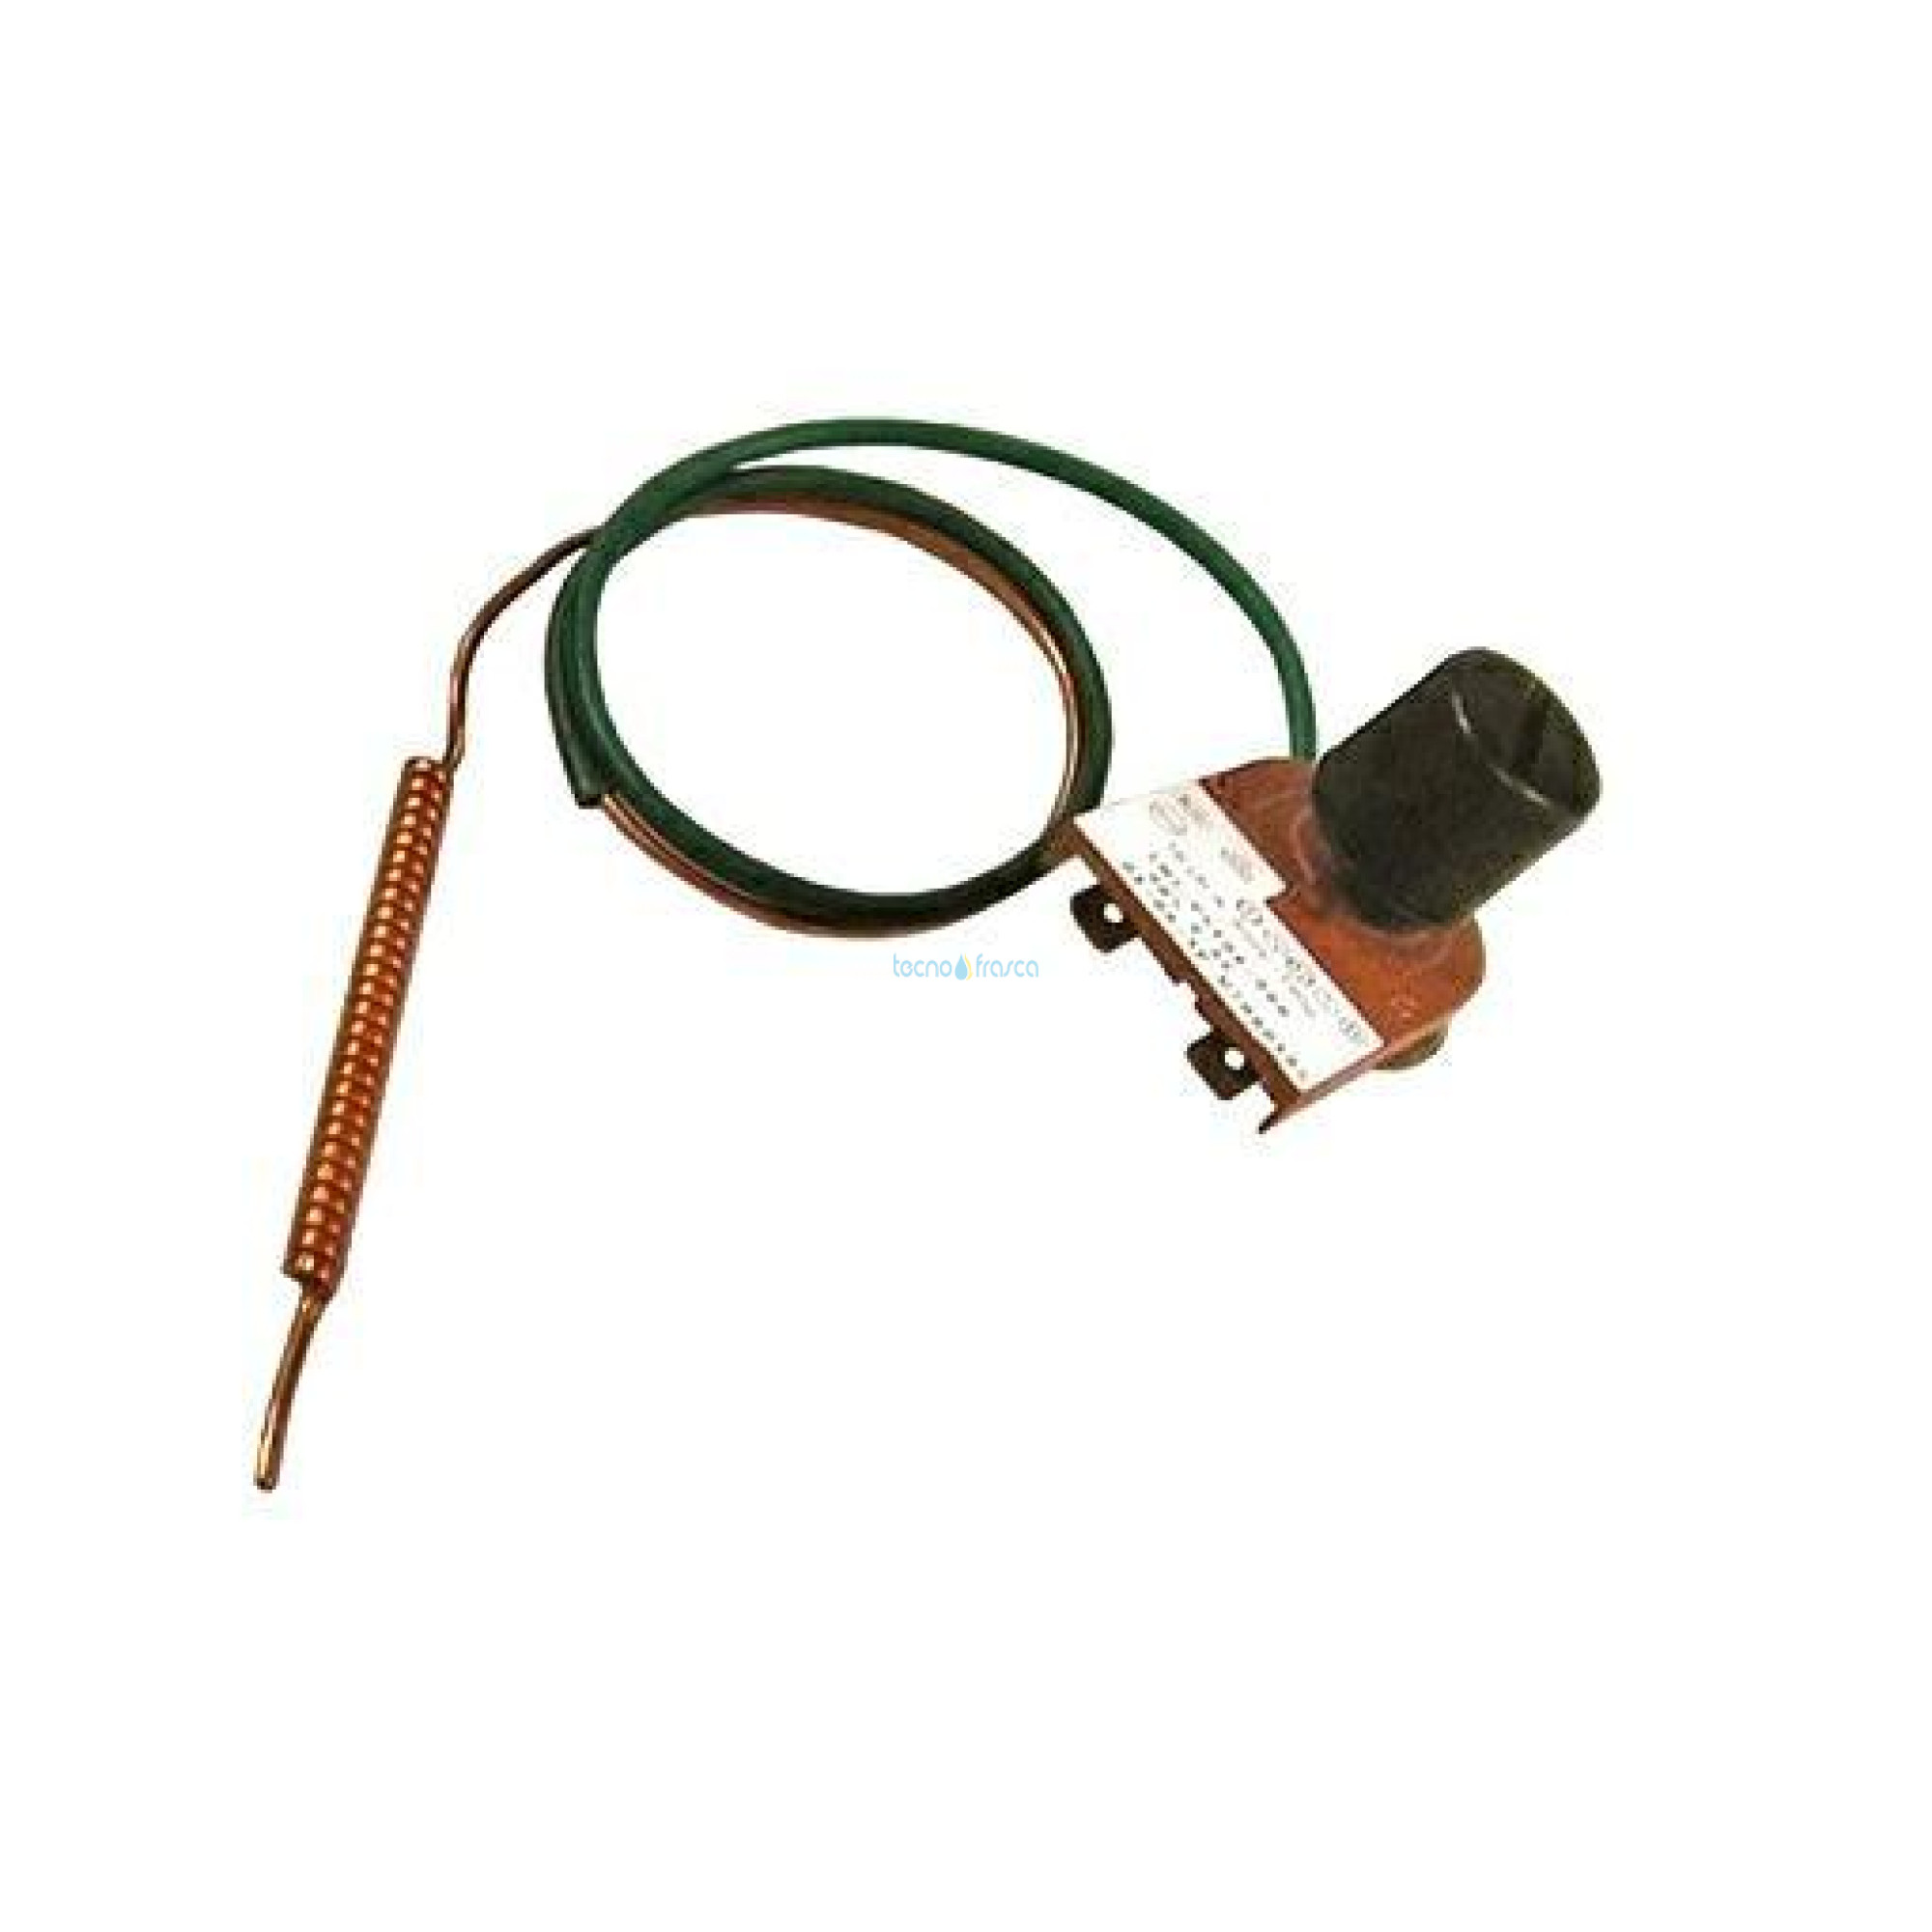 Beretta termostato di sicurezza rs672